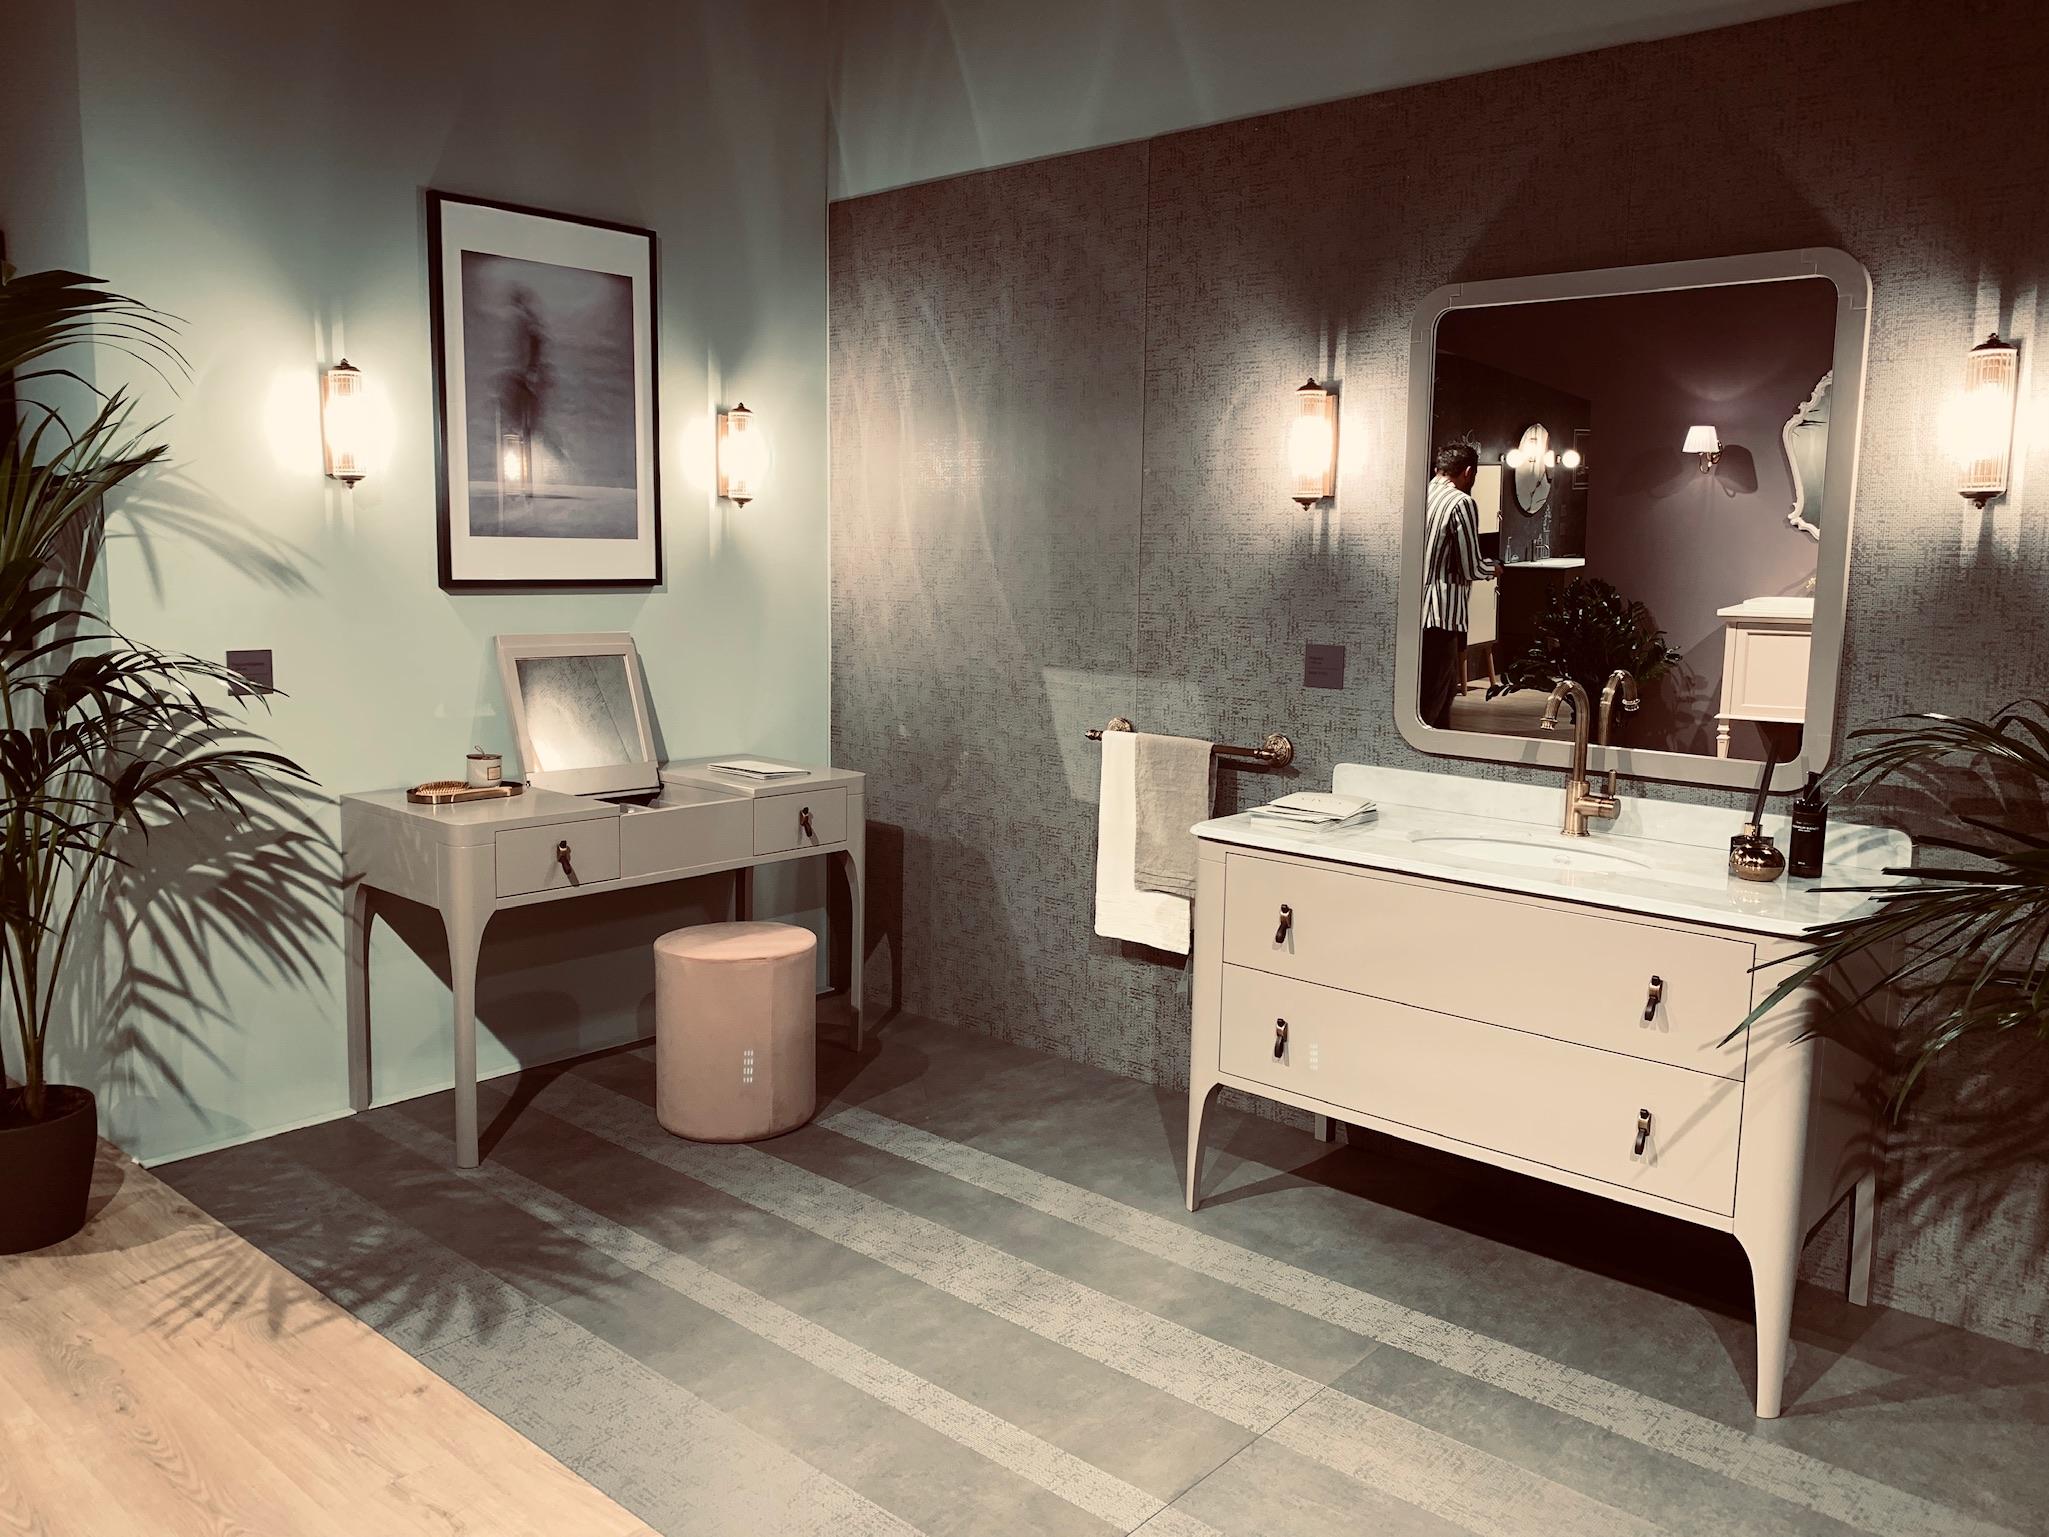 CERSAIE 2019. Finaliza el evento internacional más importante de cerámica, revestimientos y baño